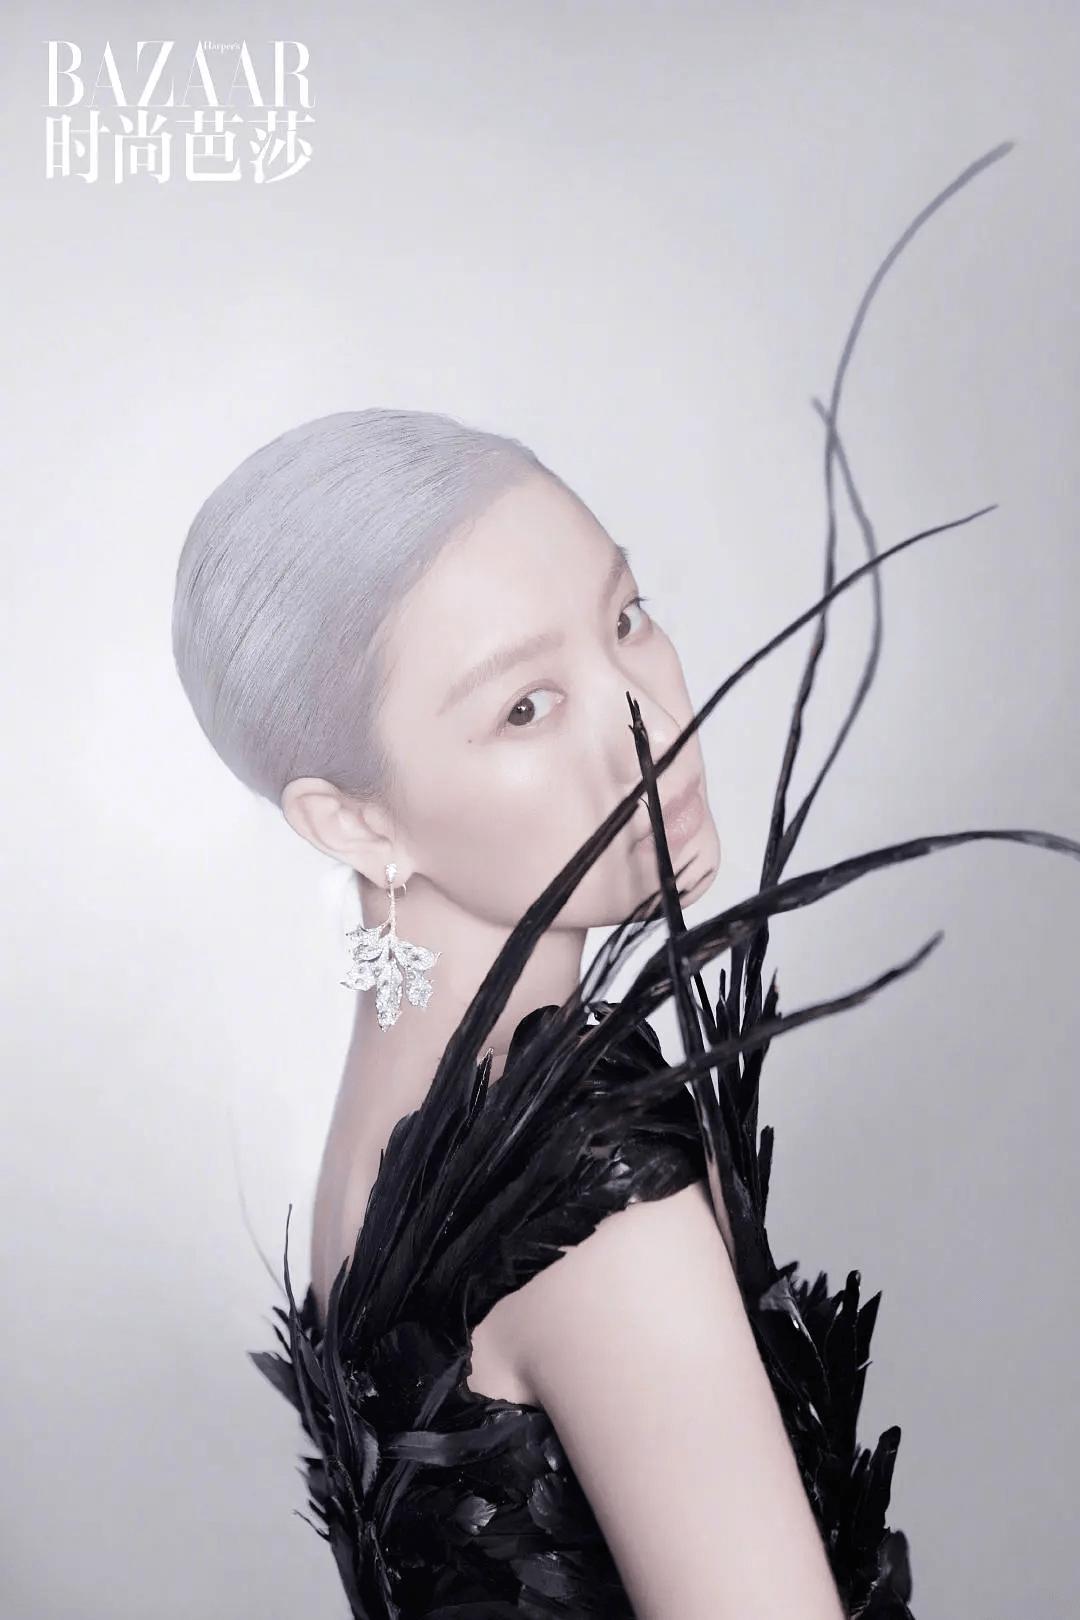 倪妮时尚大片尝试银色亿电竞短发,皮肤苍白失去特色